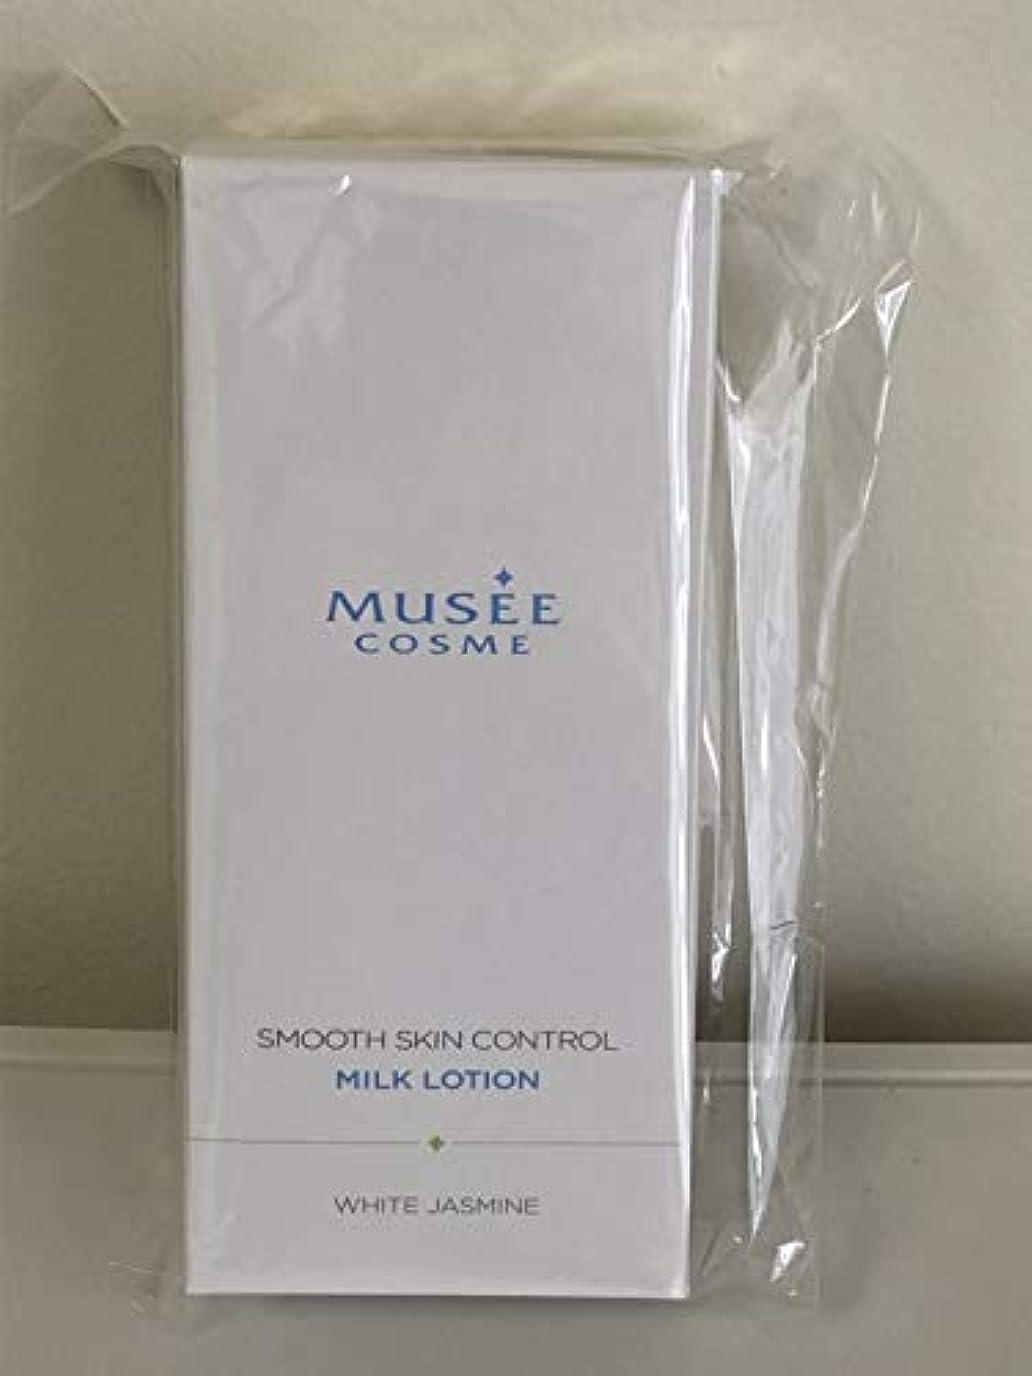 感度凍結ロバミュゼコスメ 薬用スムーススキンコントロール ミルクローション 300mL ホワイトジャスミンの香り